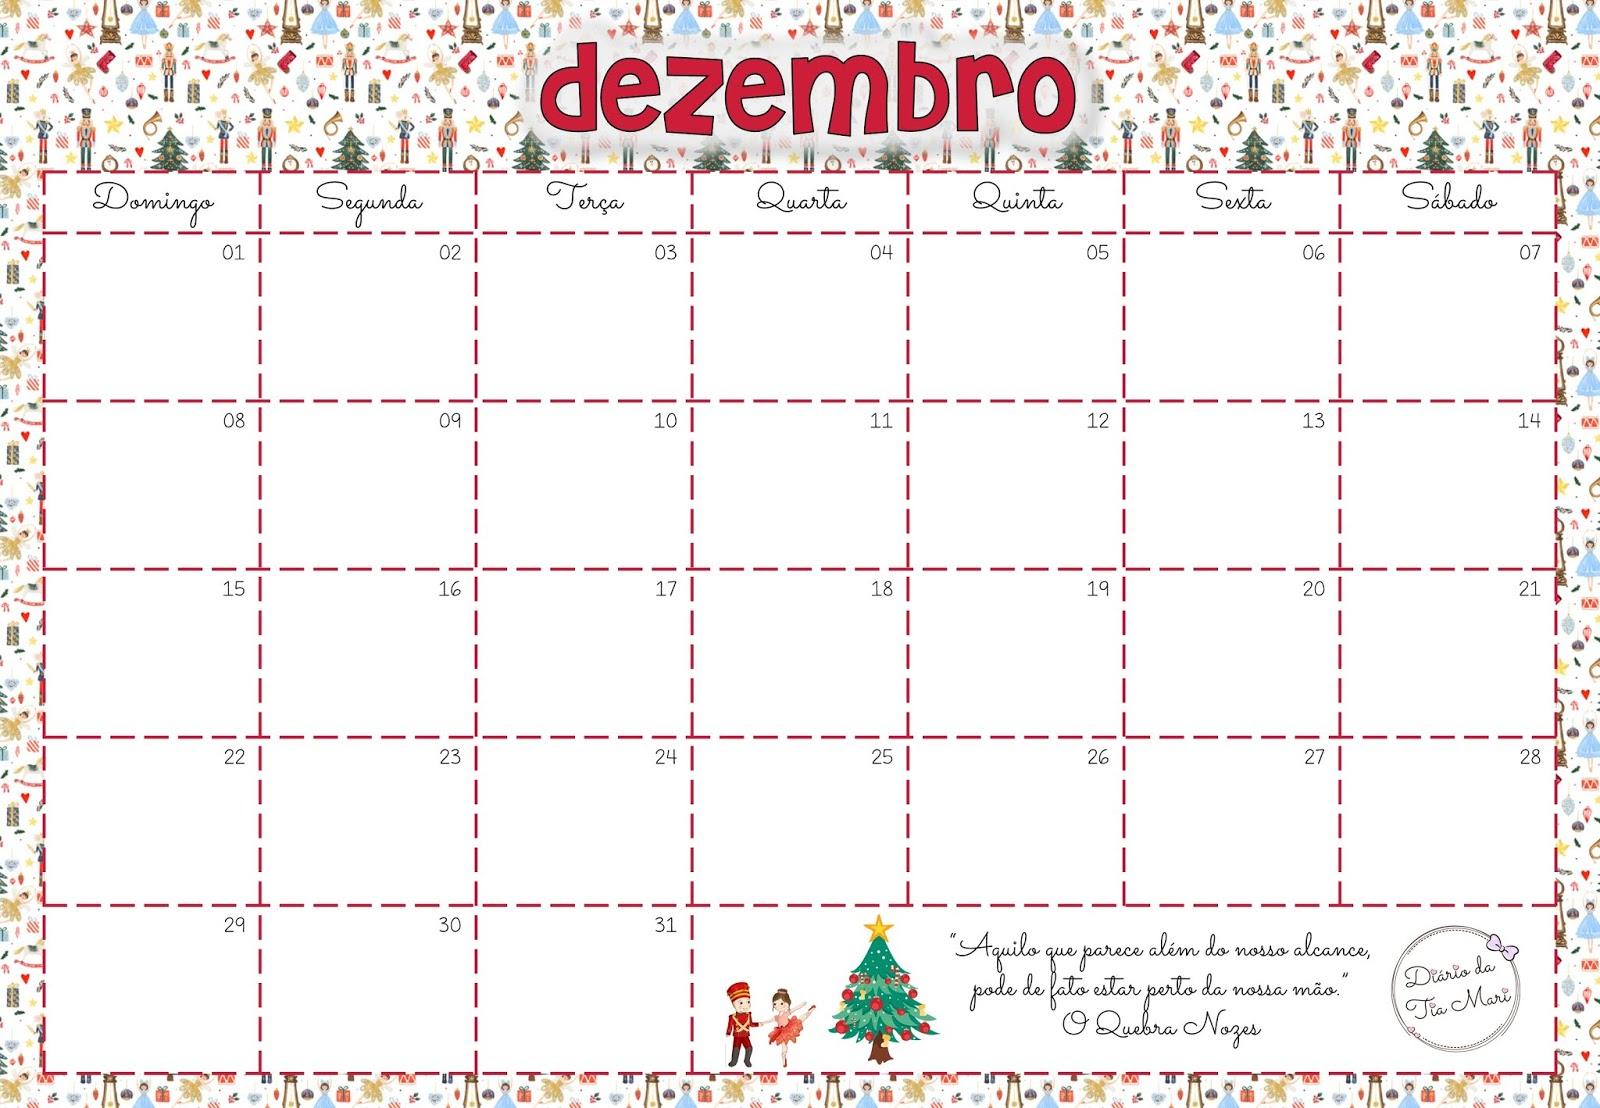 Calendário da Professora - Dezembro/2019